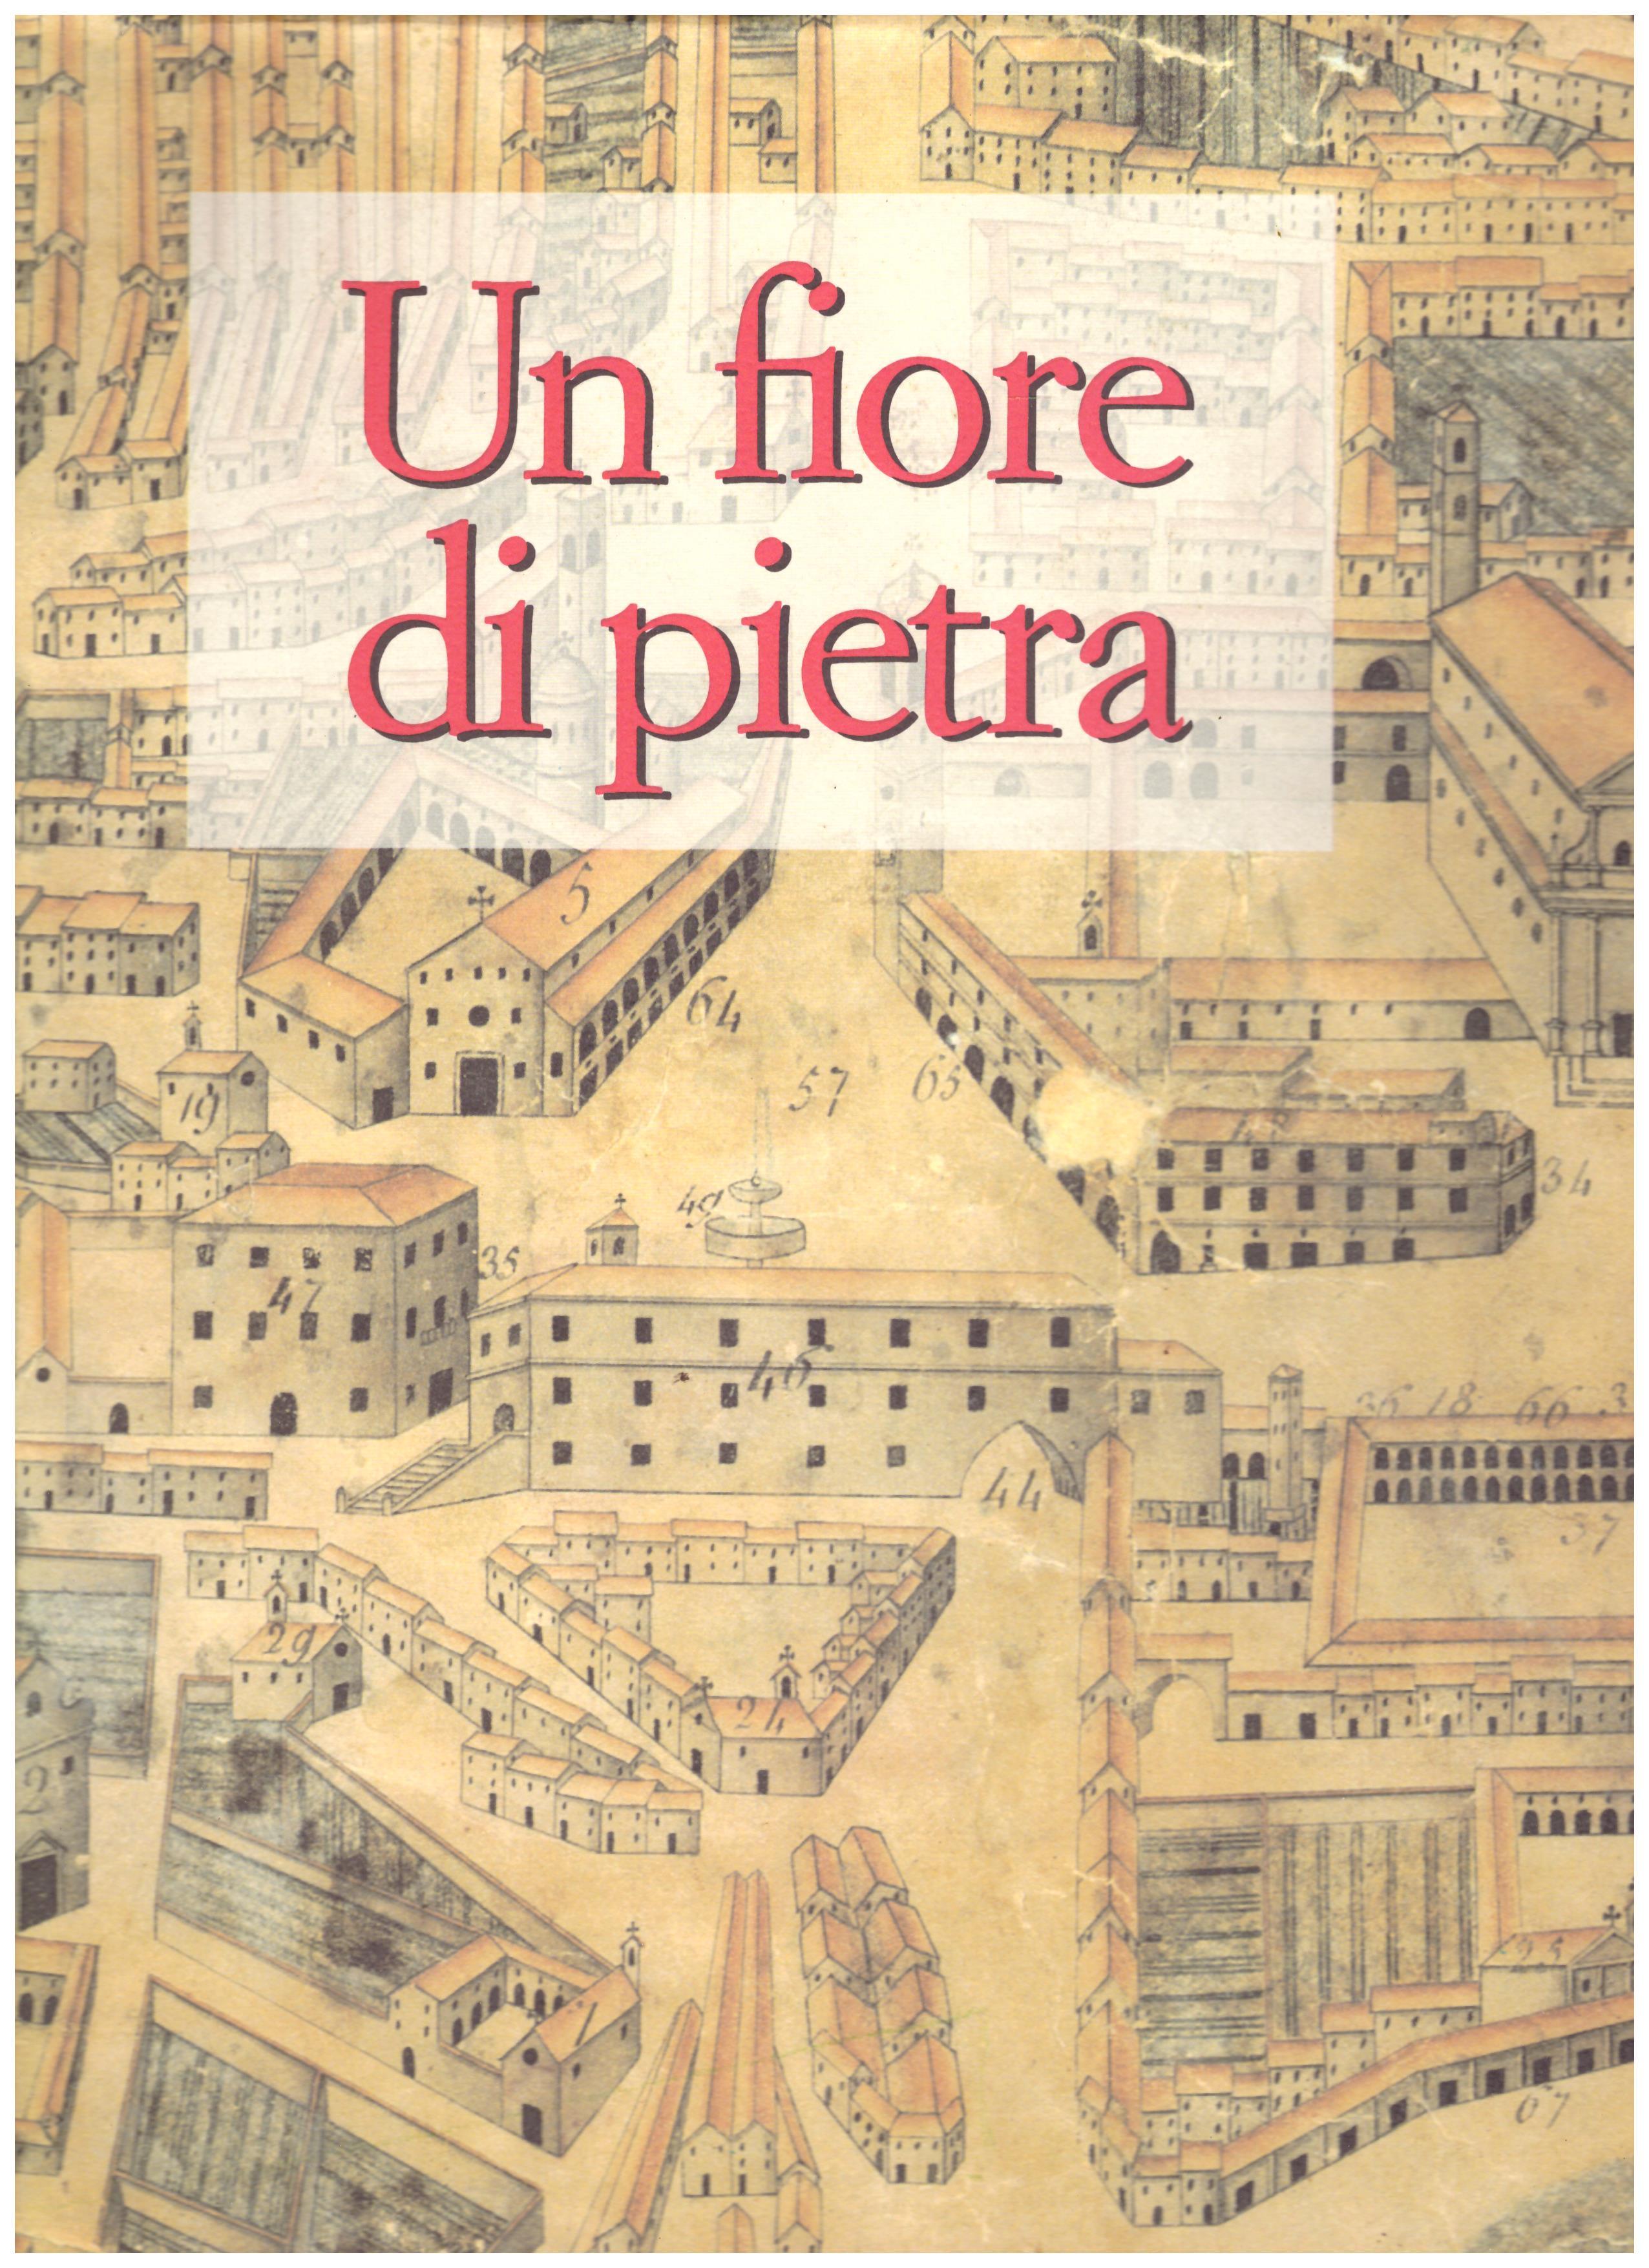 Titolo: Un fiore di pietra      Autore: AA.VV.     Editore: Tibergraph editrice, Città Di Castello 1994